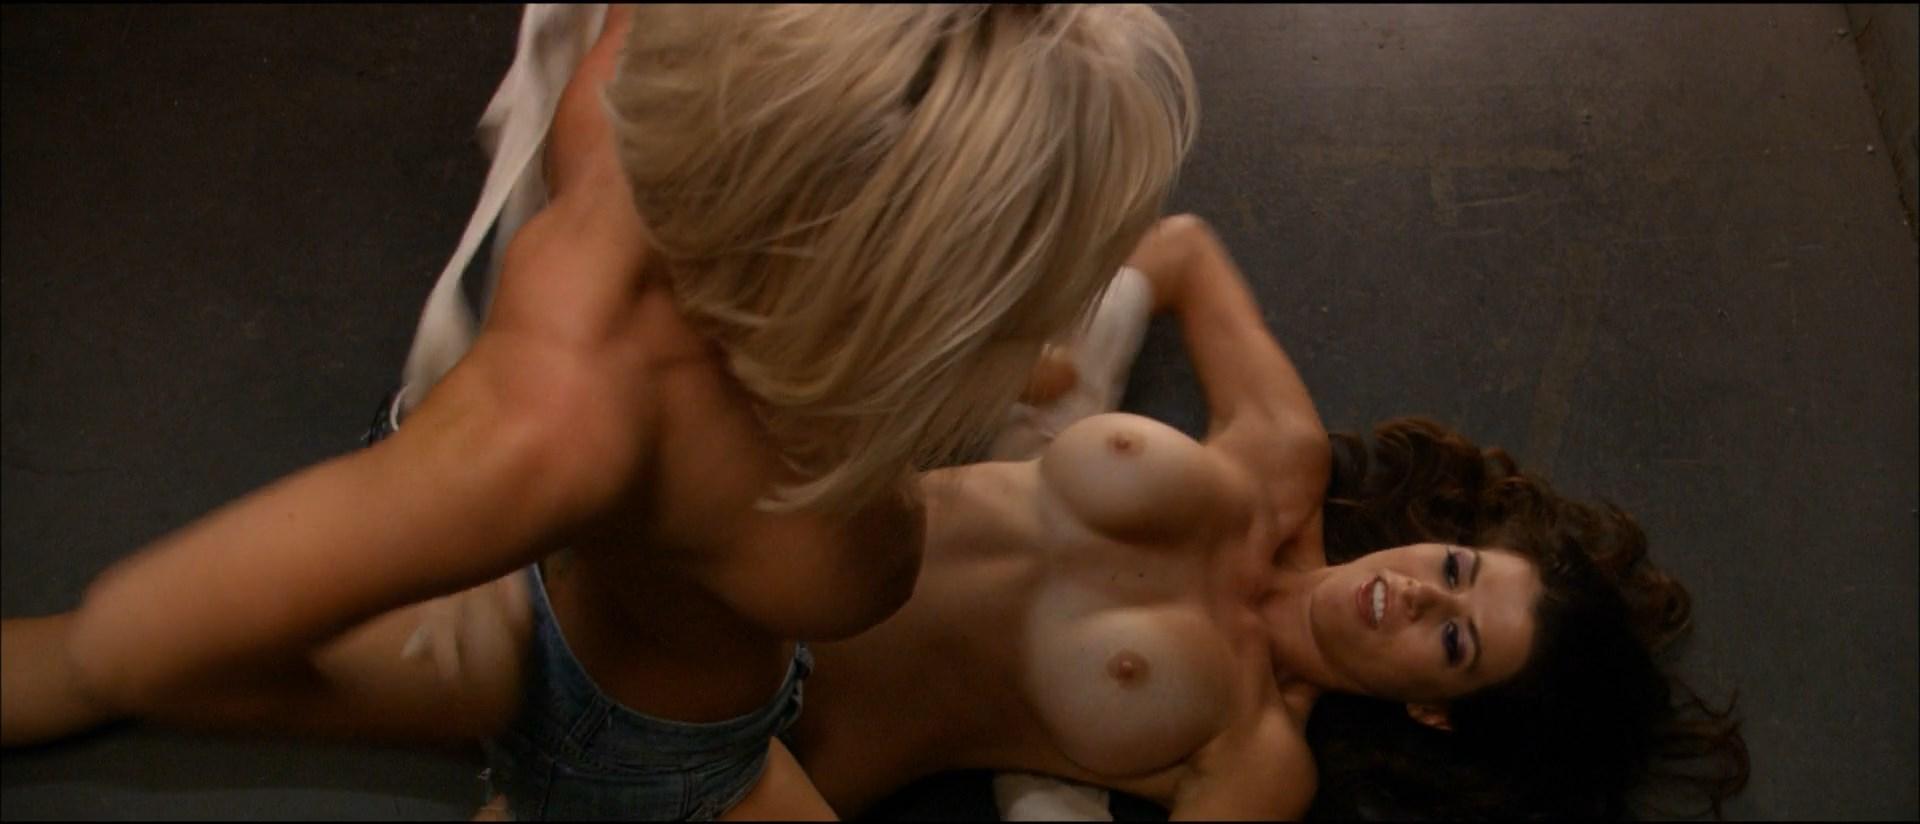 Stripper Drama